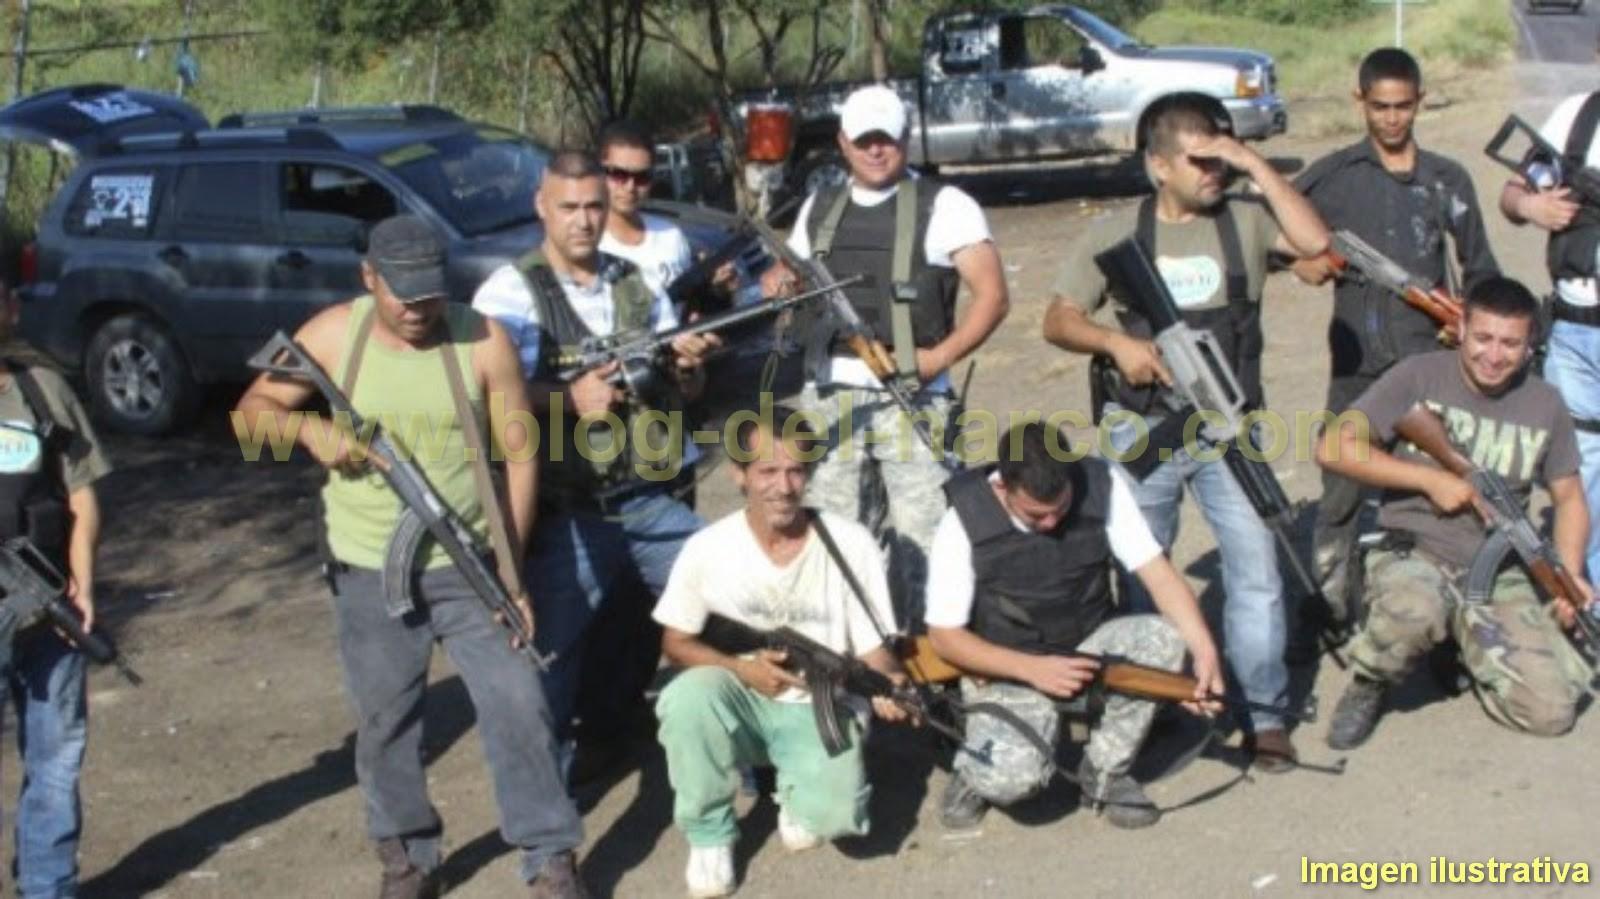 Tamaulipas: Campesinos en Armas para defender sus tierras contra el Narco